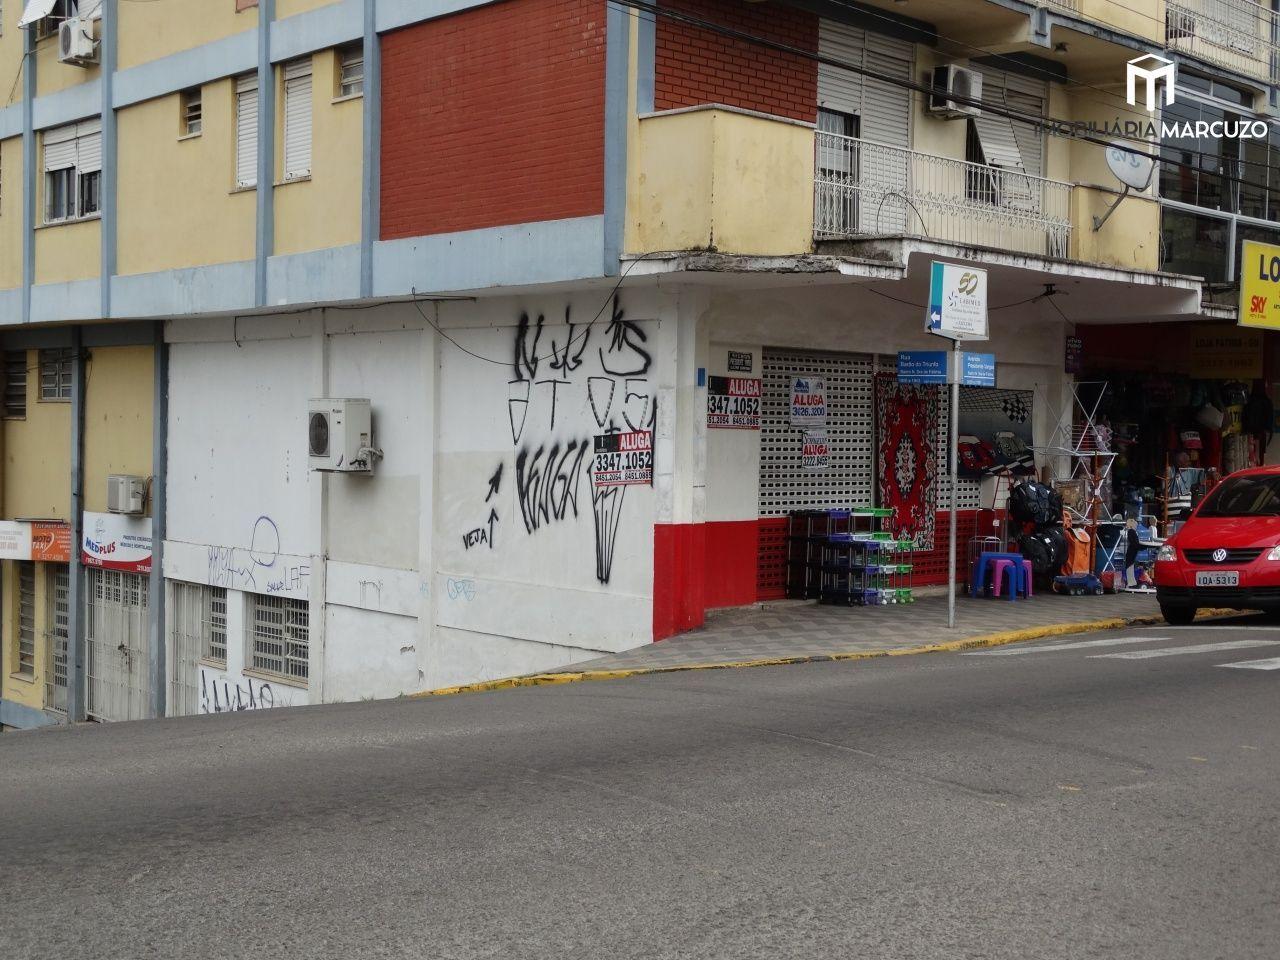 Ponto comercial à venda, 100 m² por R$ 850.000,00